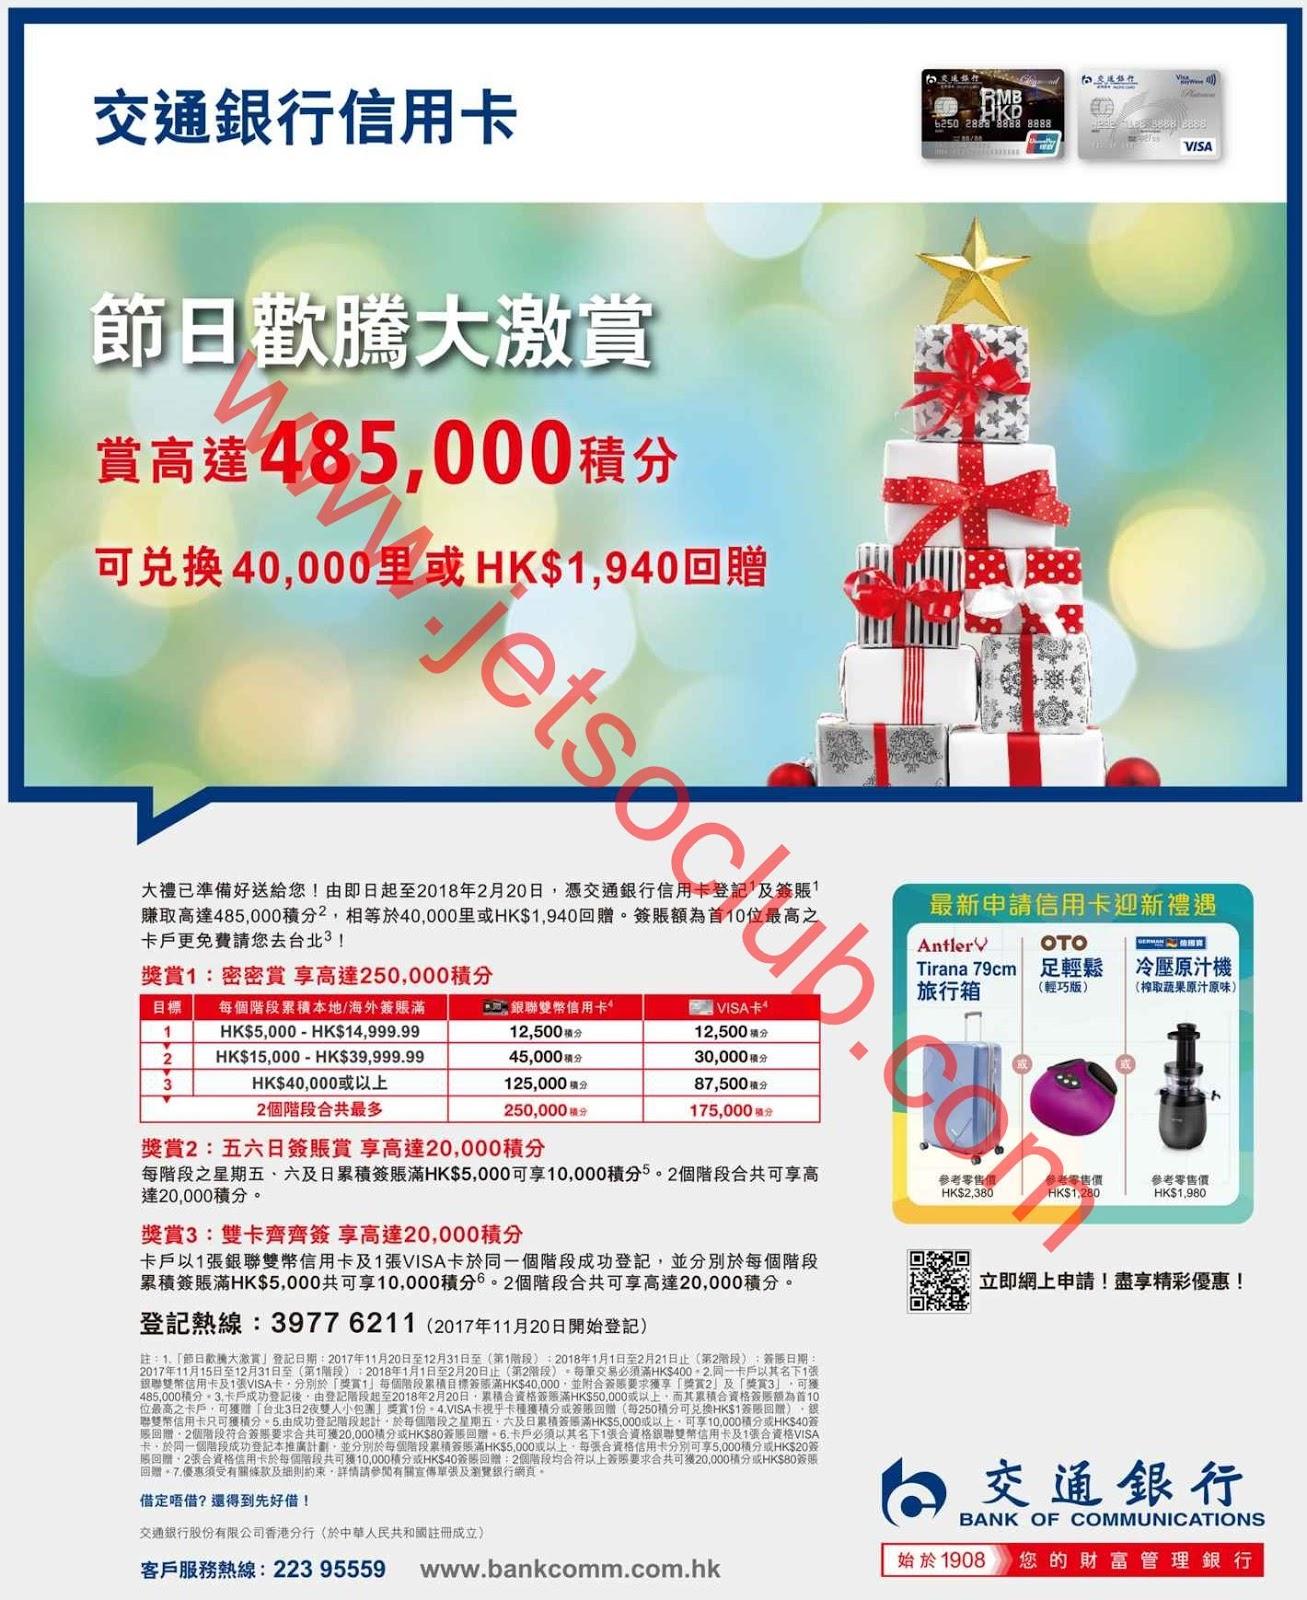 交通銀行信用卡:節日歡騰打激賞(至20/2)/ 迎新禮遇 ( Jetso Club 著數俱樂部 )